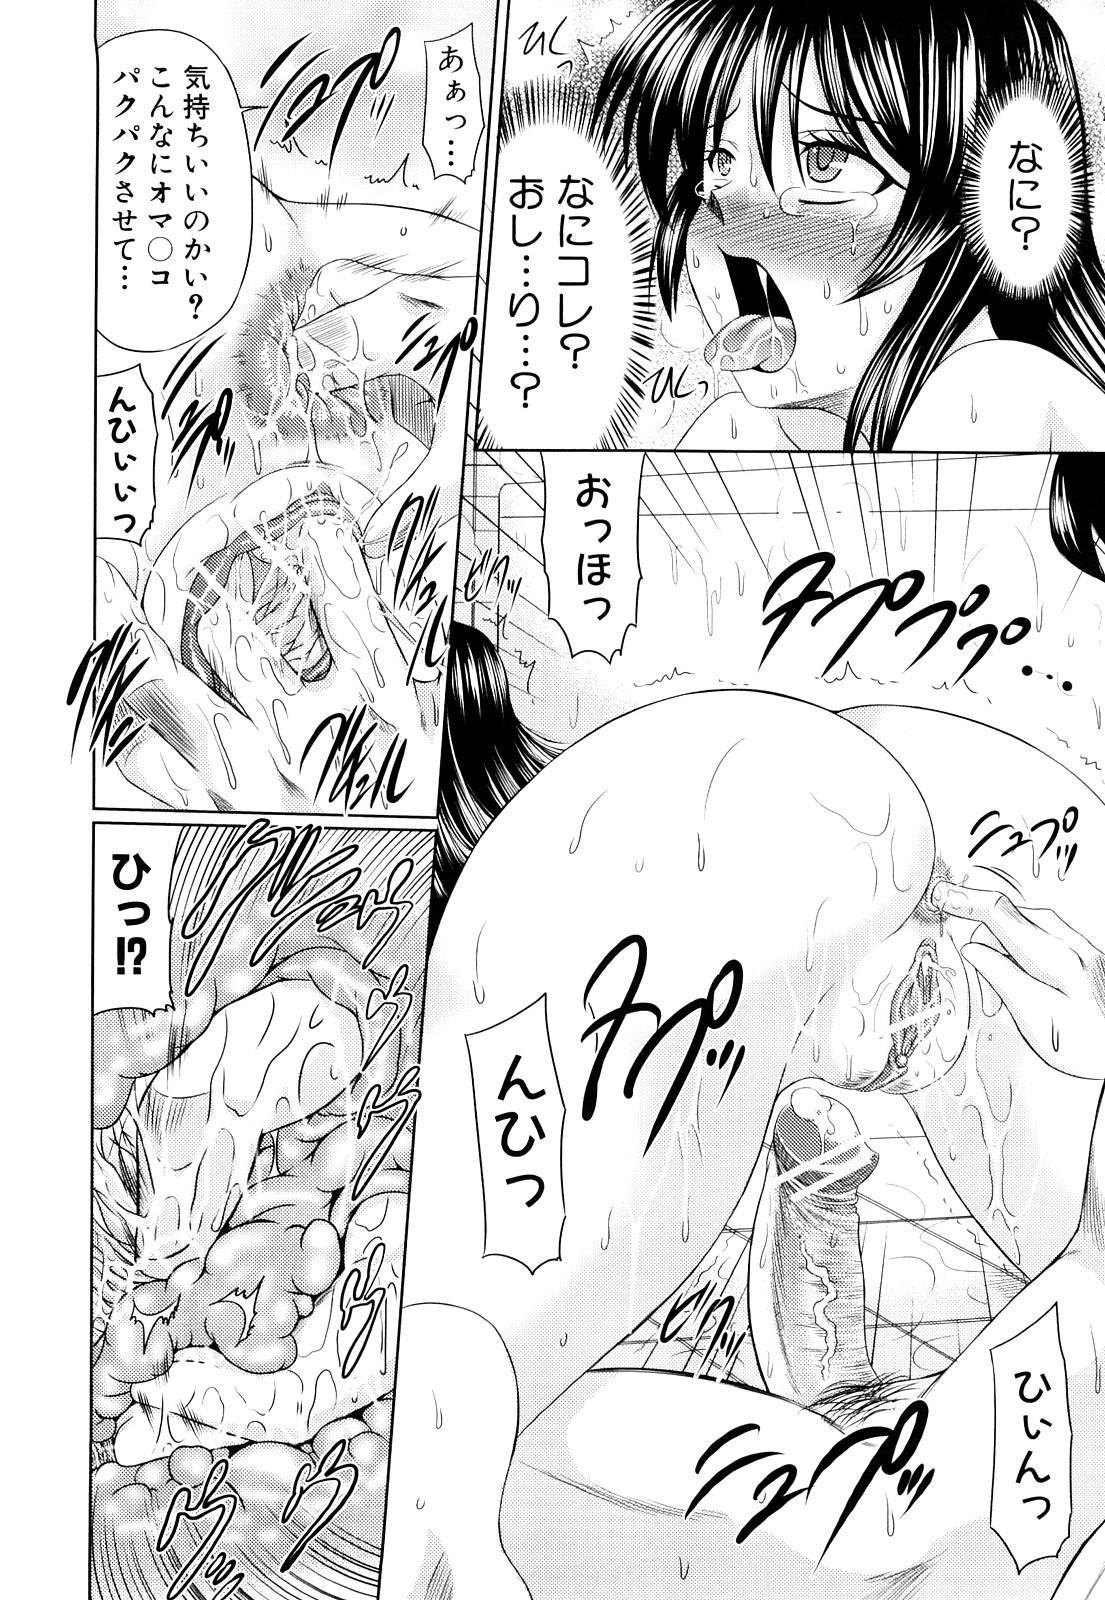 Nikuyoku Analyze 150